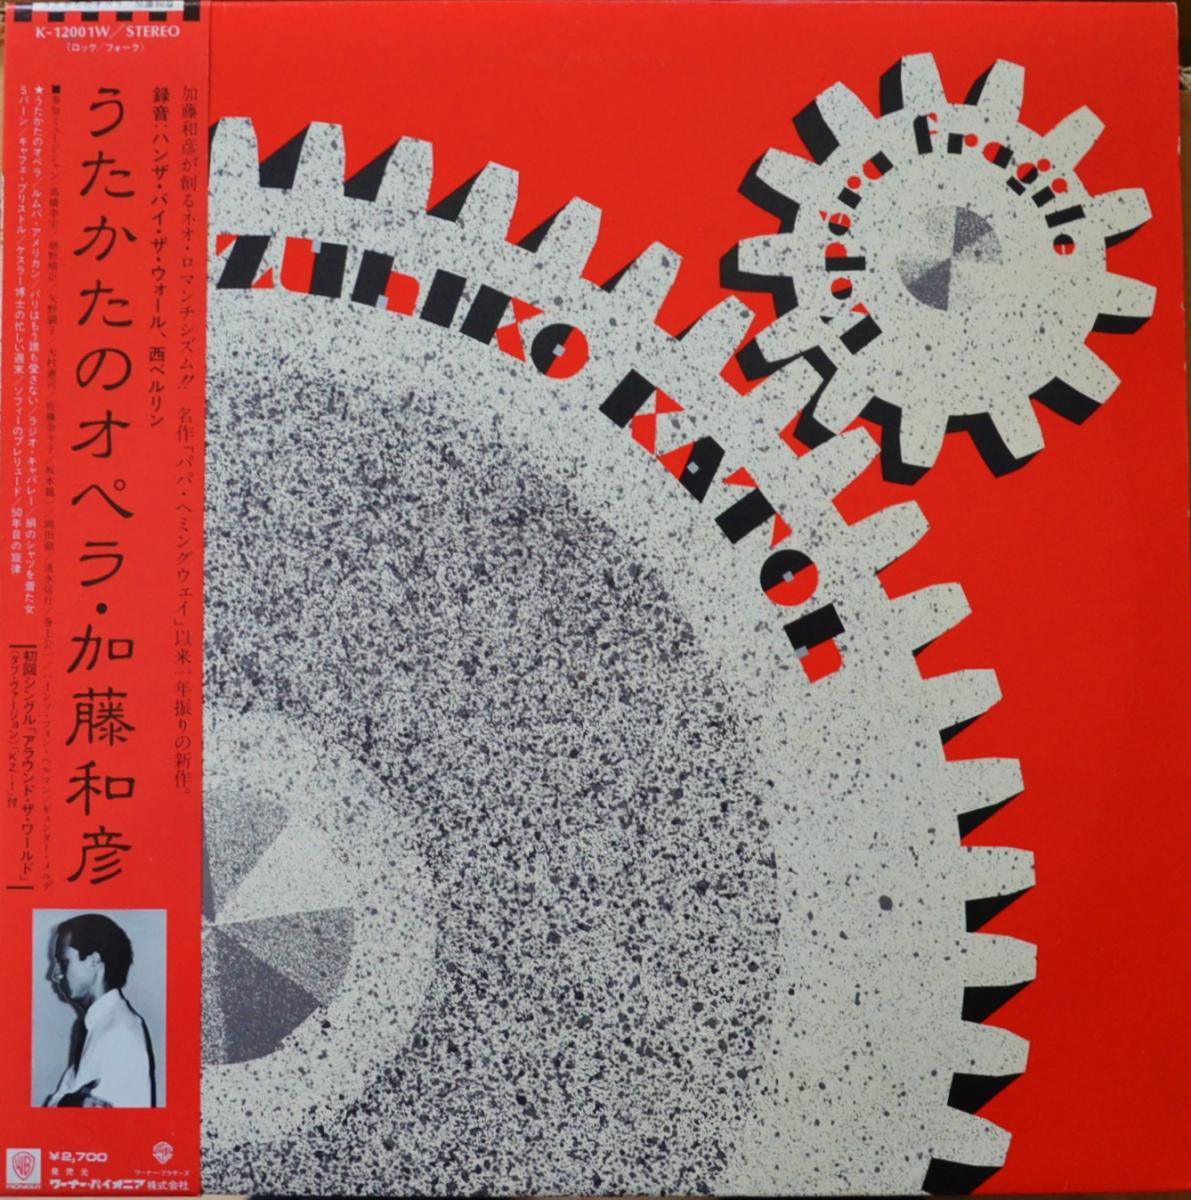 加藤和彦の画像 p1_33